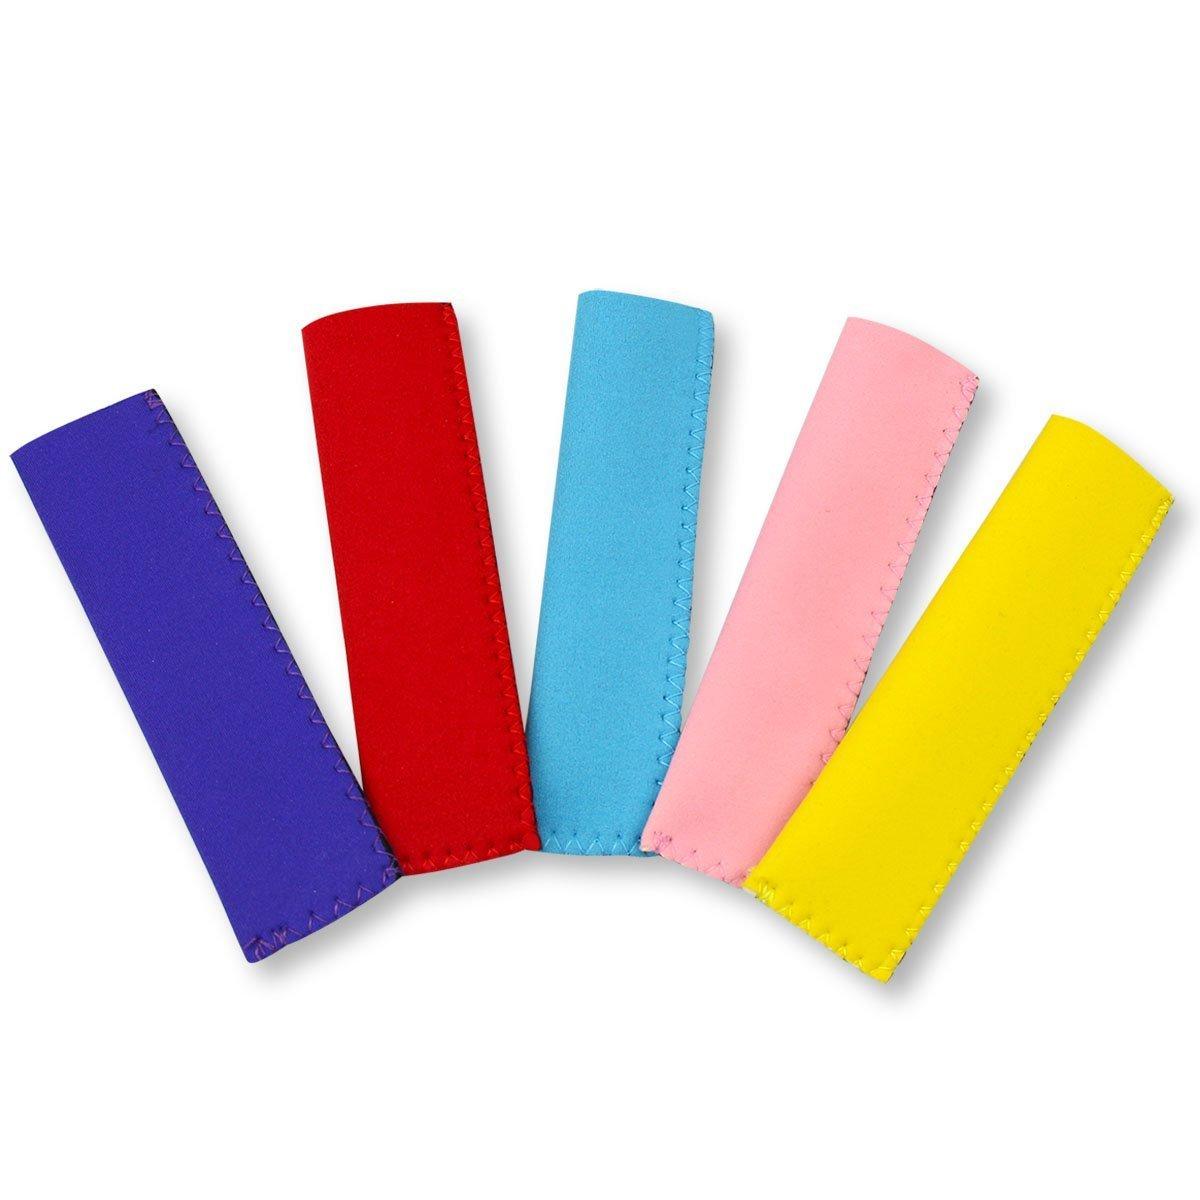 Romote Popsicle Moldes bolsas con 5 libres de hielo Pop mangas, Naisidier 150Pcs desechable DIY del hielo del molde Pop Bolsas: Amazon.es: Hogar